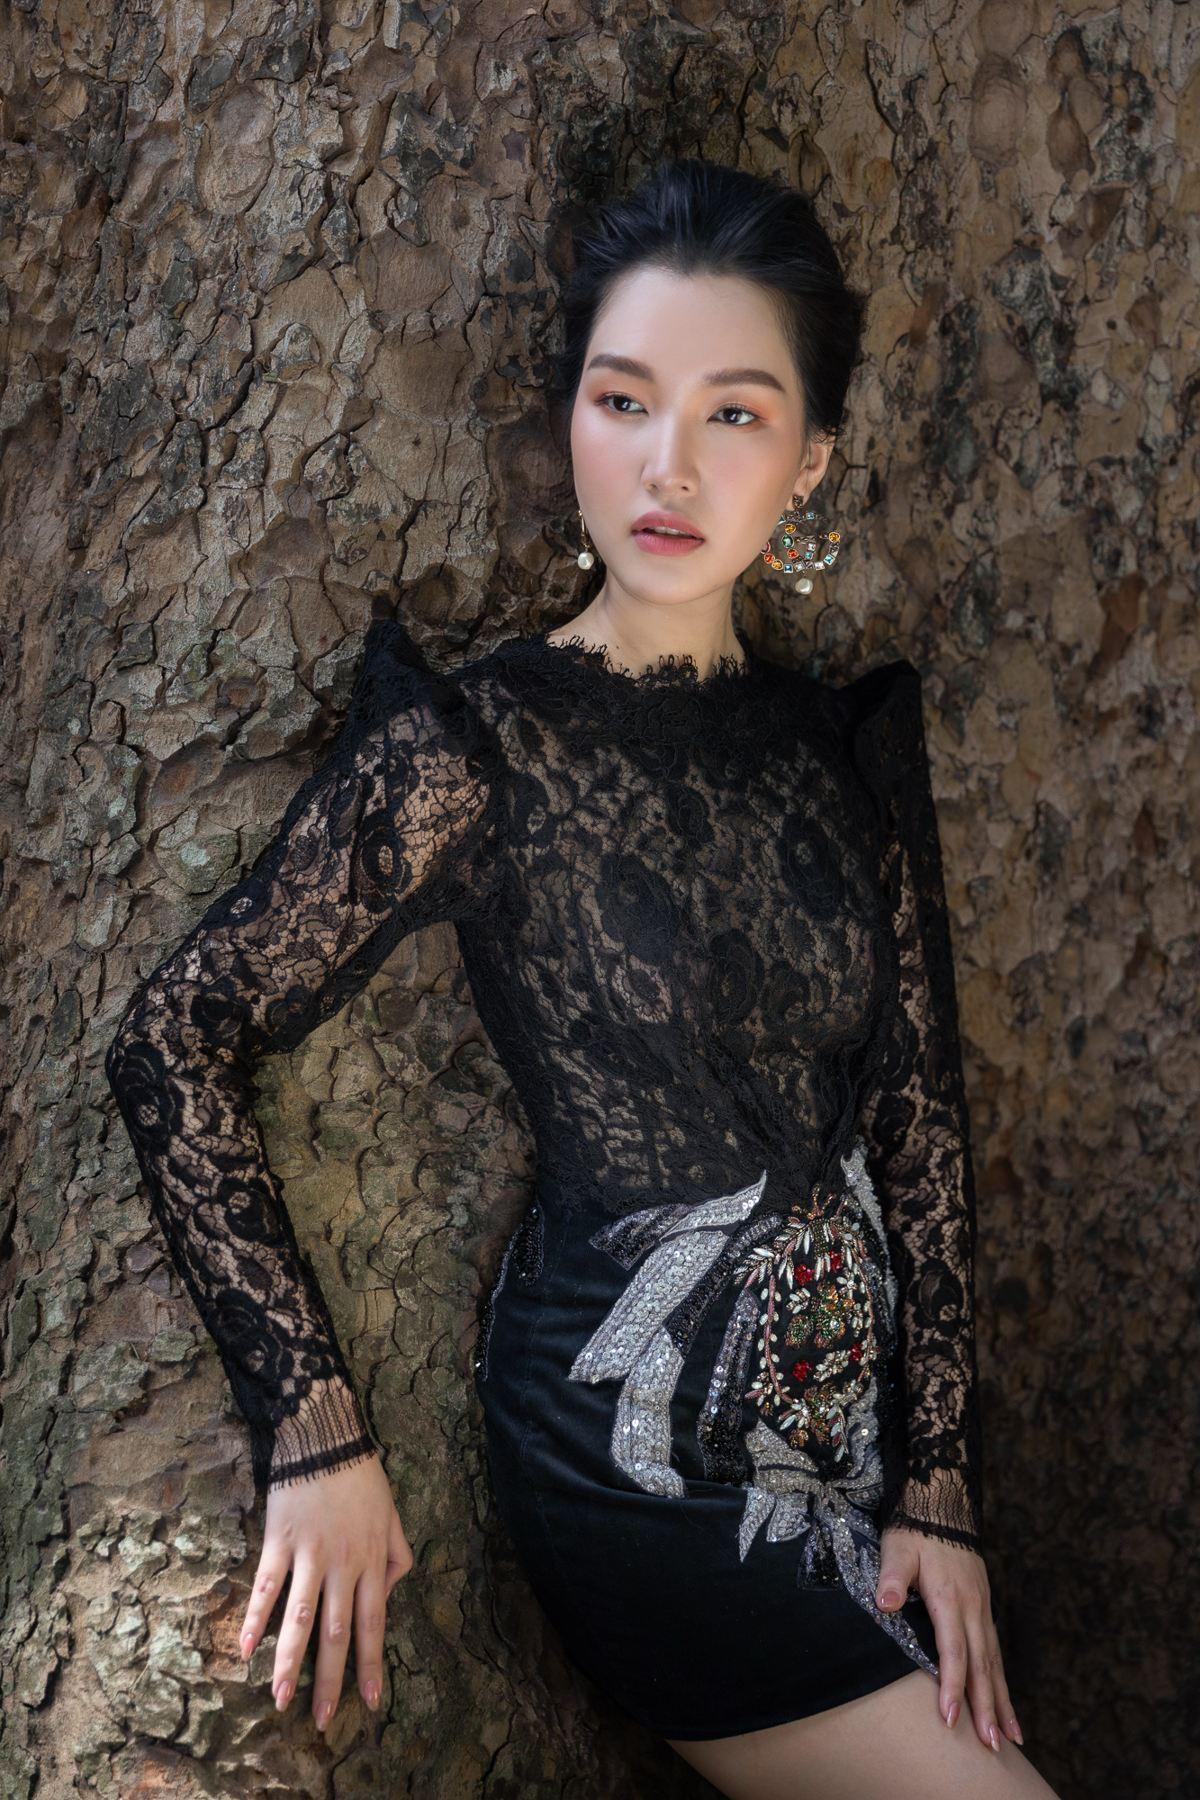 'Nàng thơ xứ Huế' Ngọc Trân cuốn hút với nét mơ màng trong loạt váy áo e ấp Ảnh 21